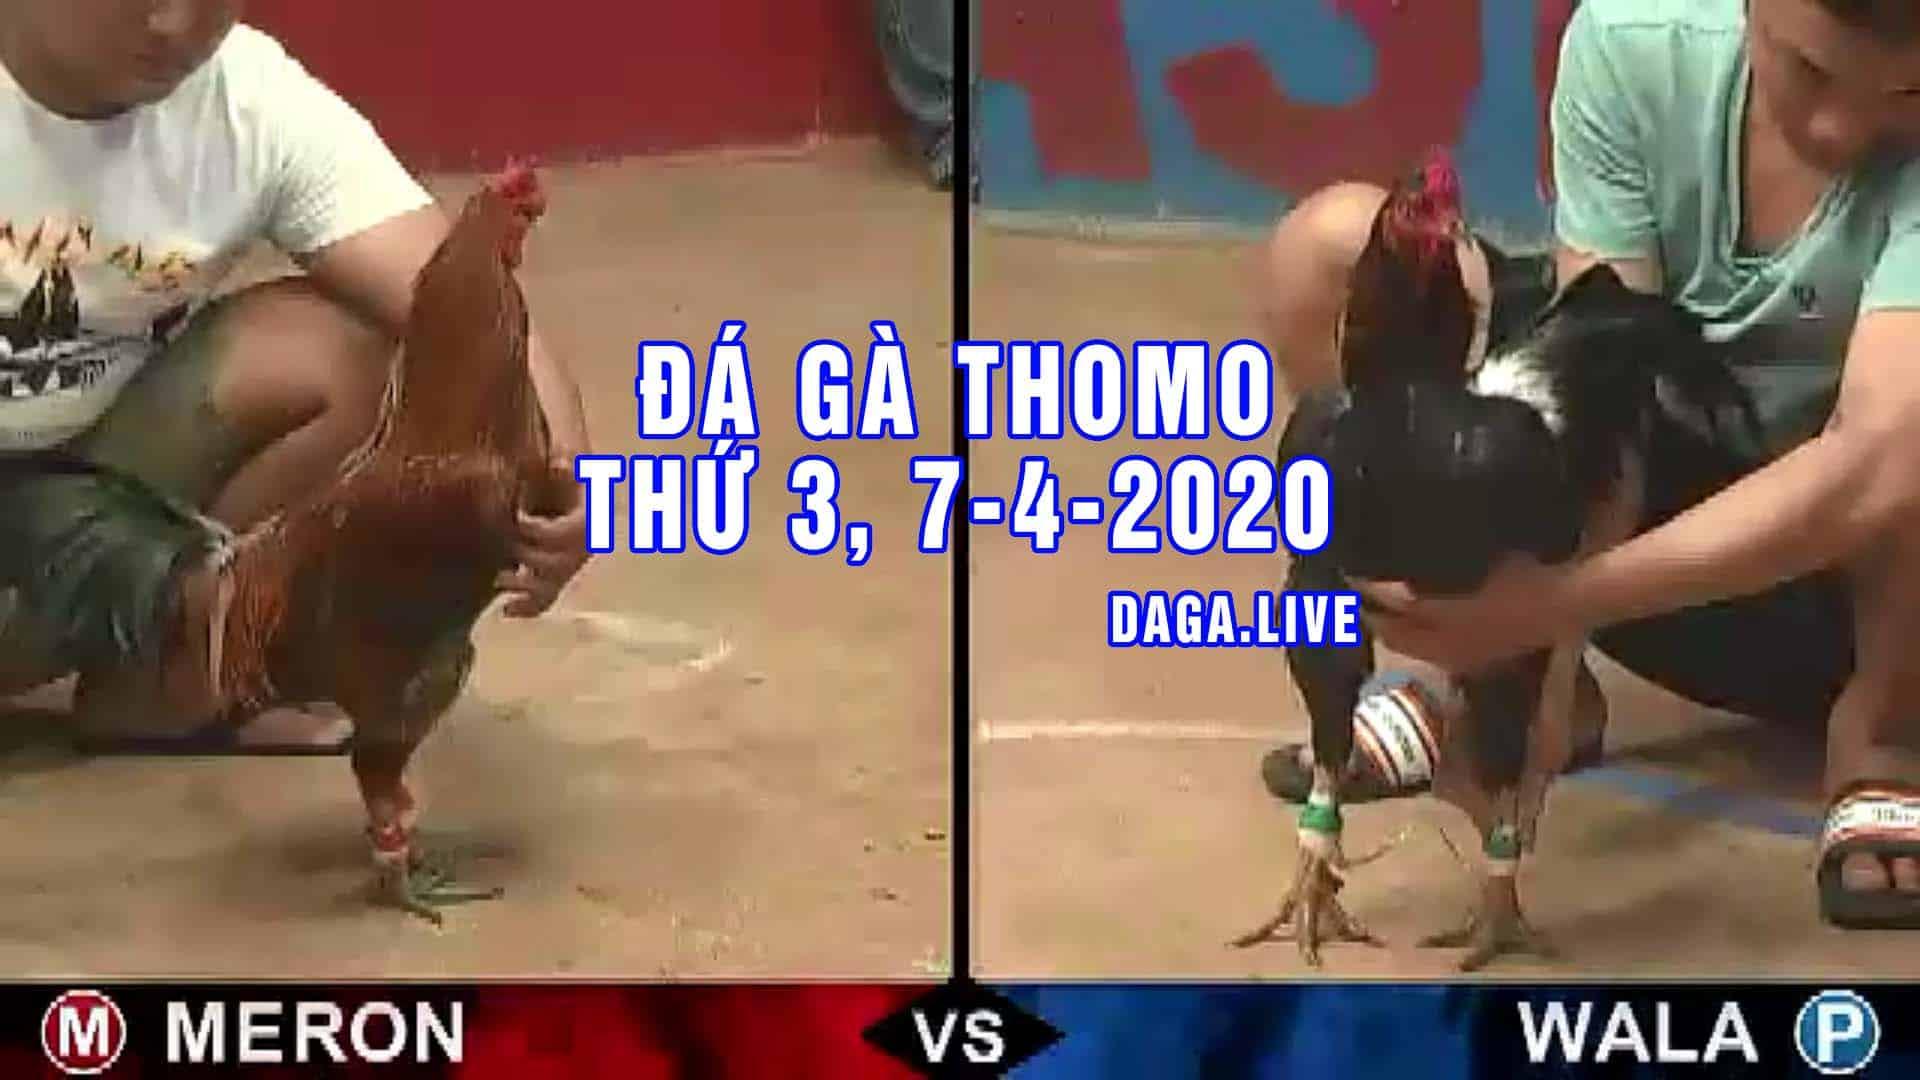 DAGA.LIVE - Đá gà trực tiếp thomo hôm nay, đá gà thomo, đá gà camuchia, đá gà cựa sắt thứ 3 ngày 7-4-2020